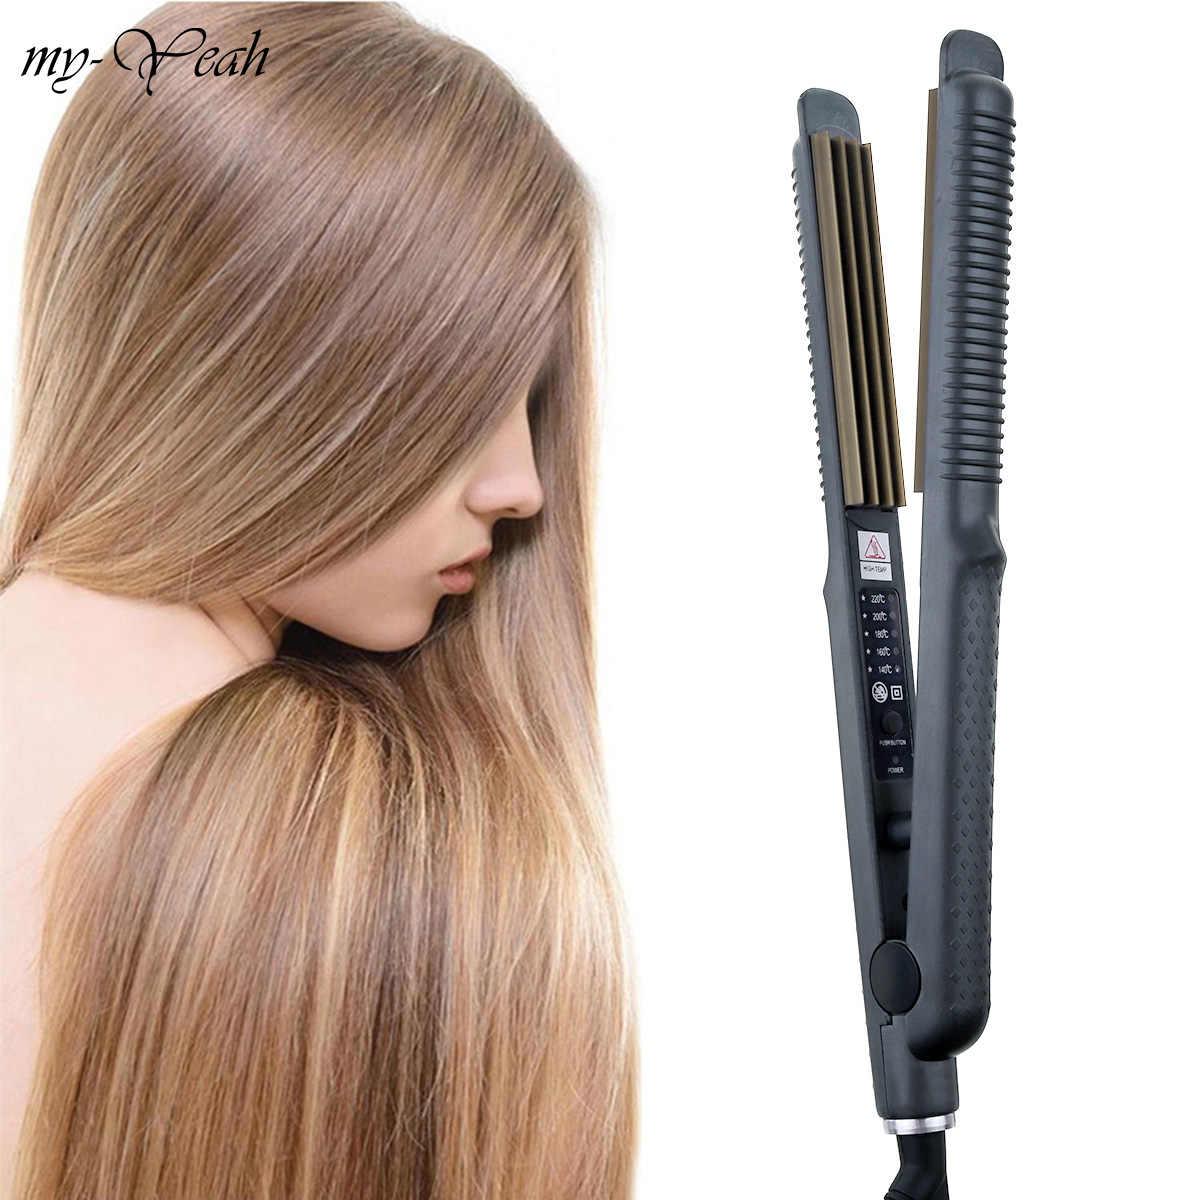 أسود الكهربائية الشعر المموج بكرة الشعر المكشكش رقيق الشباك فرد مصفف شعر المزاج التحكم أدوات التصميم